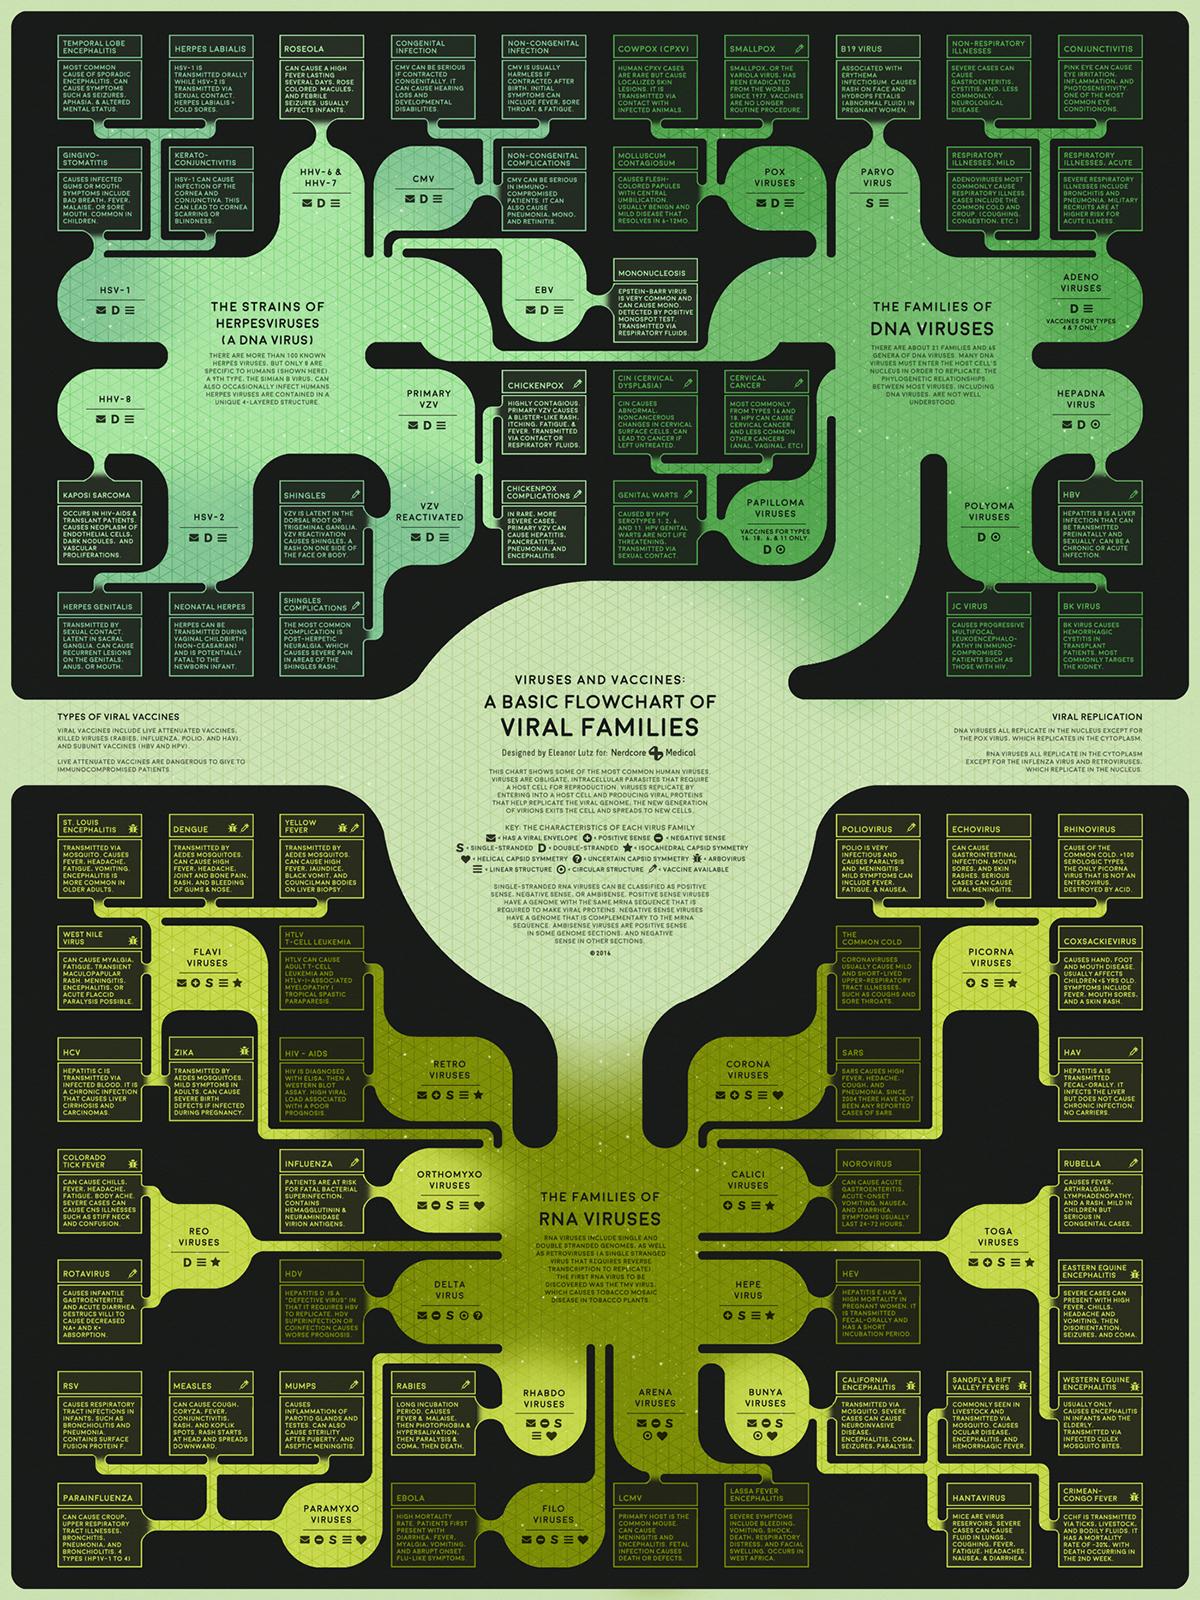 een flowchart van alle virussen